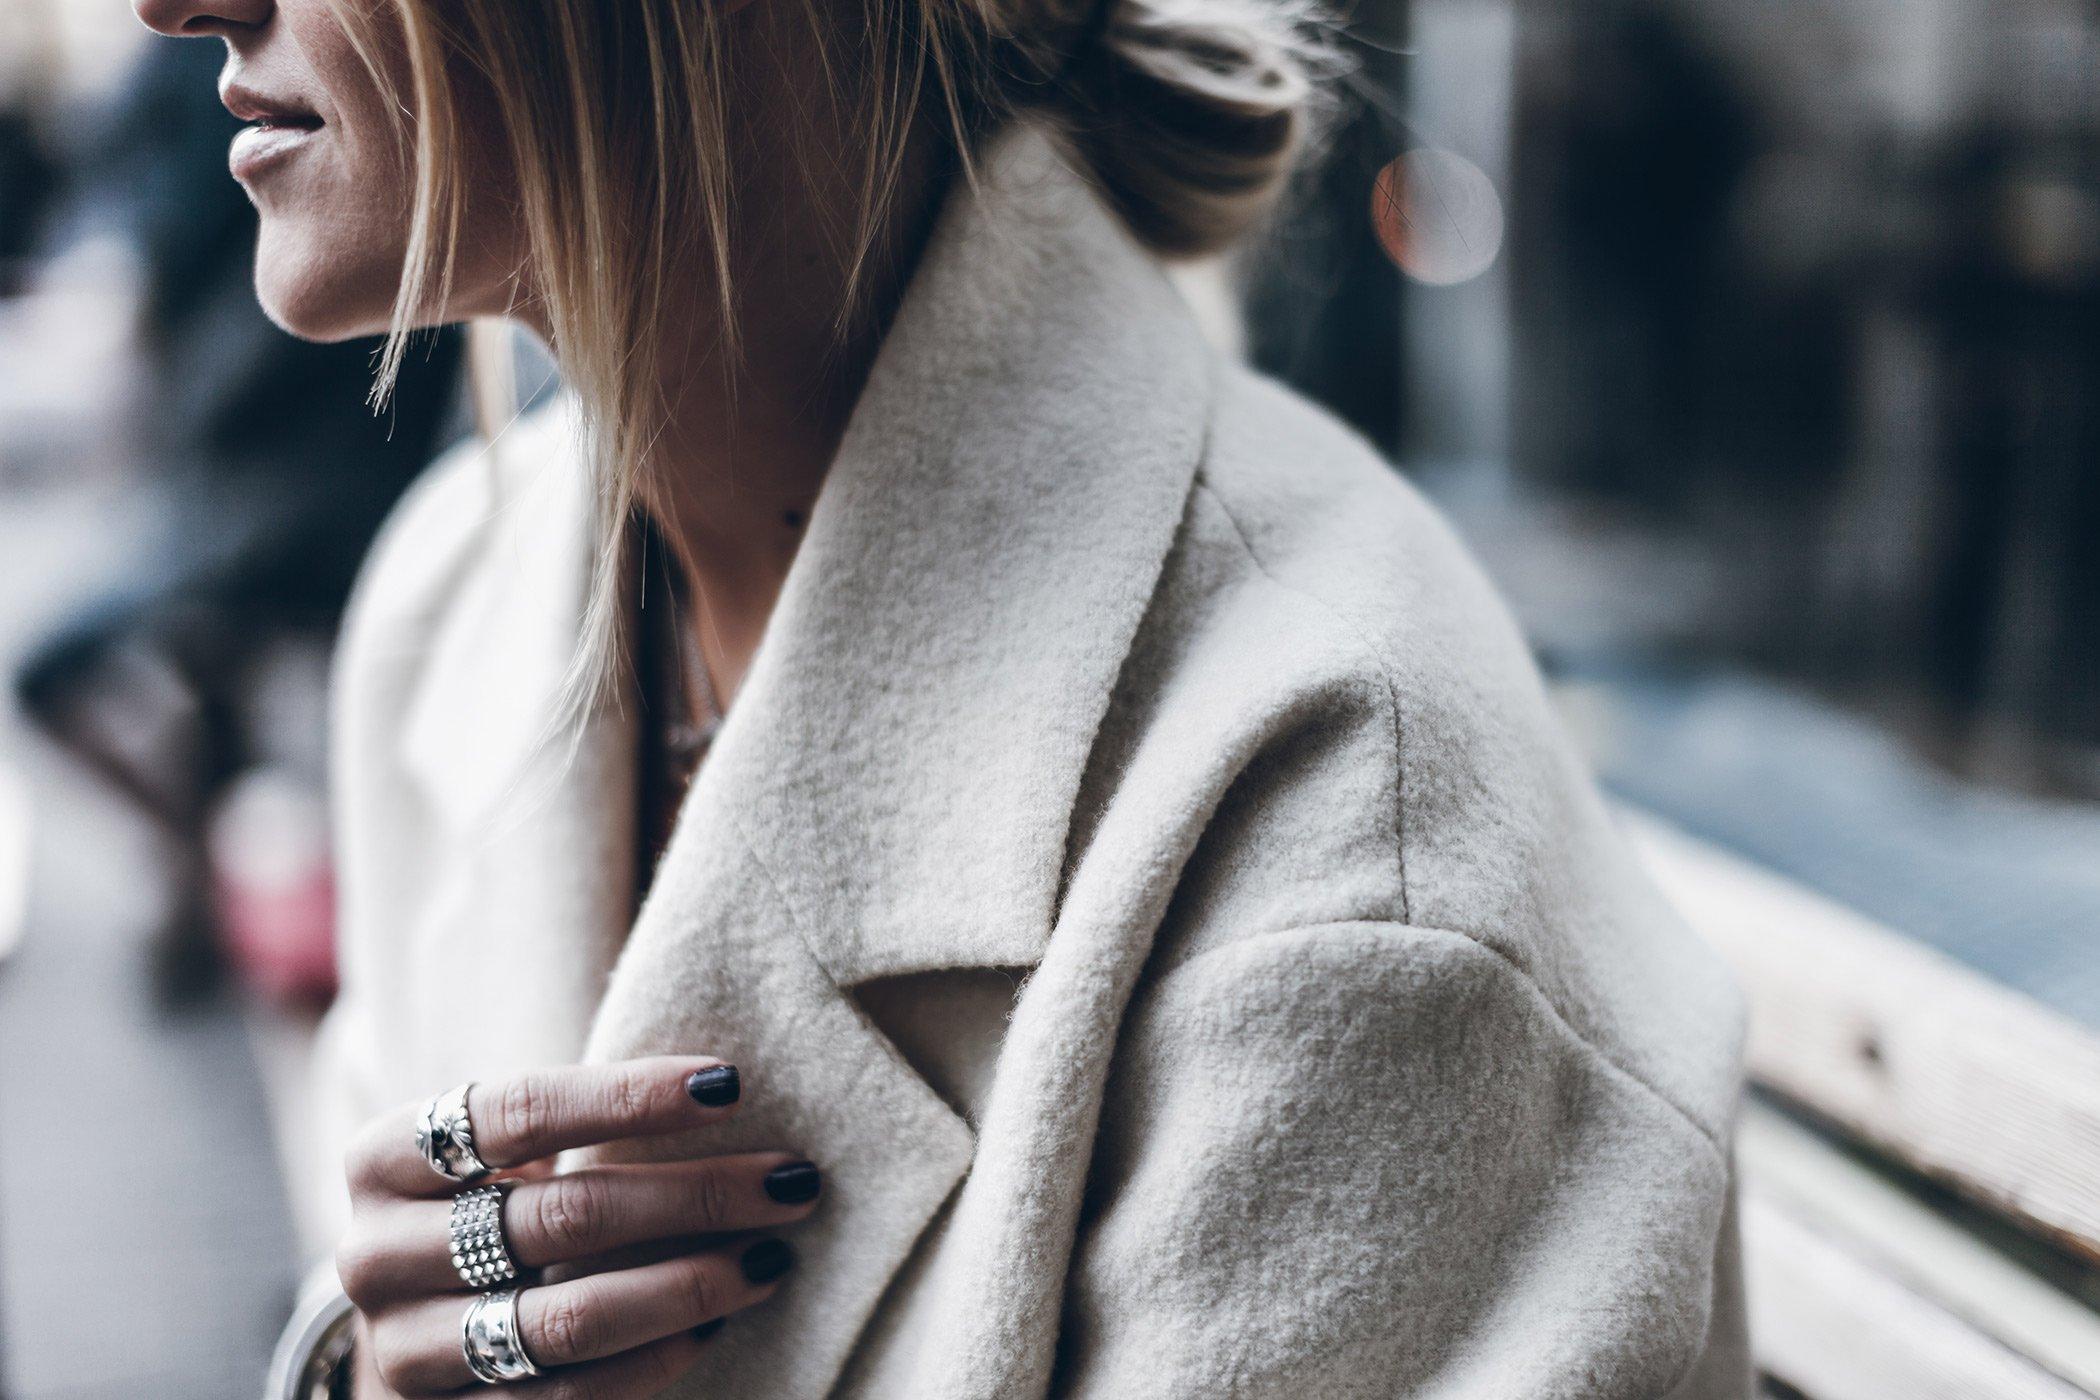 mikuta-designers-remix-white-coat-3